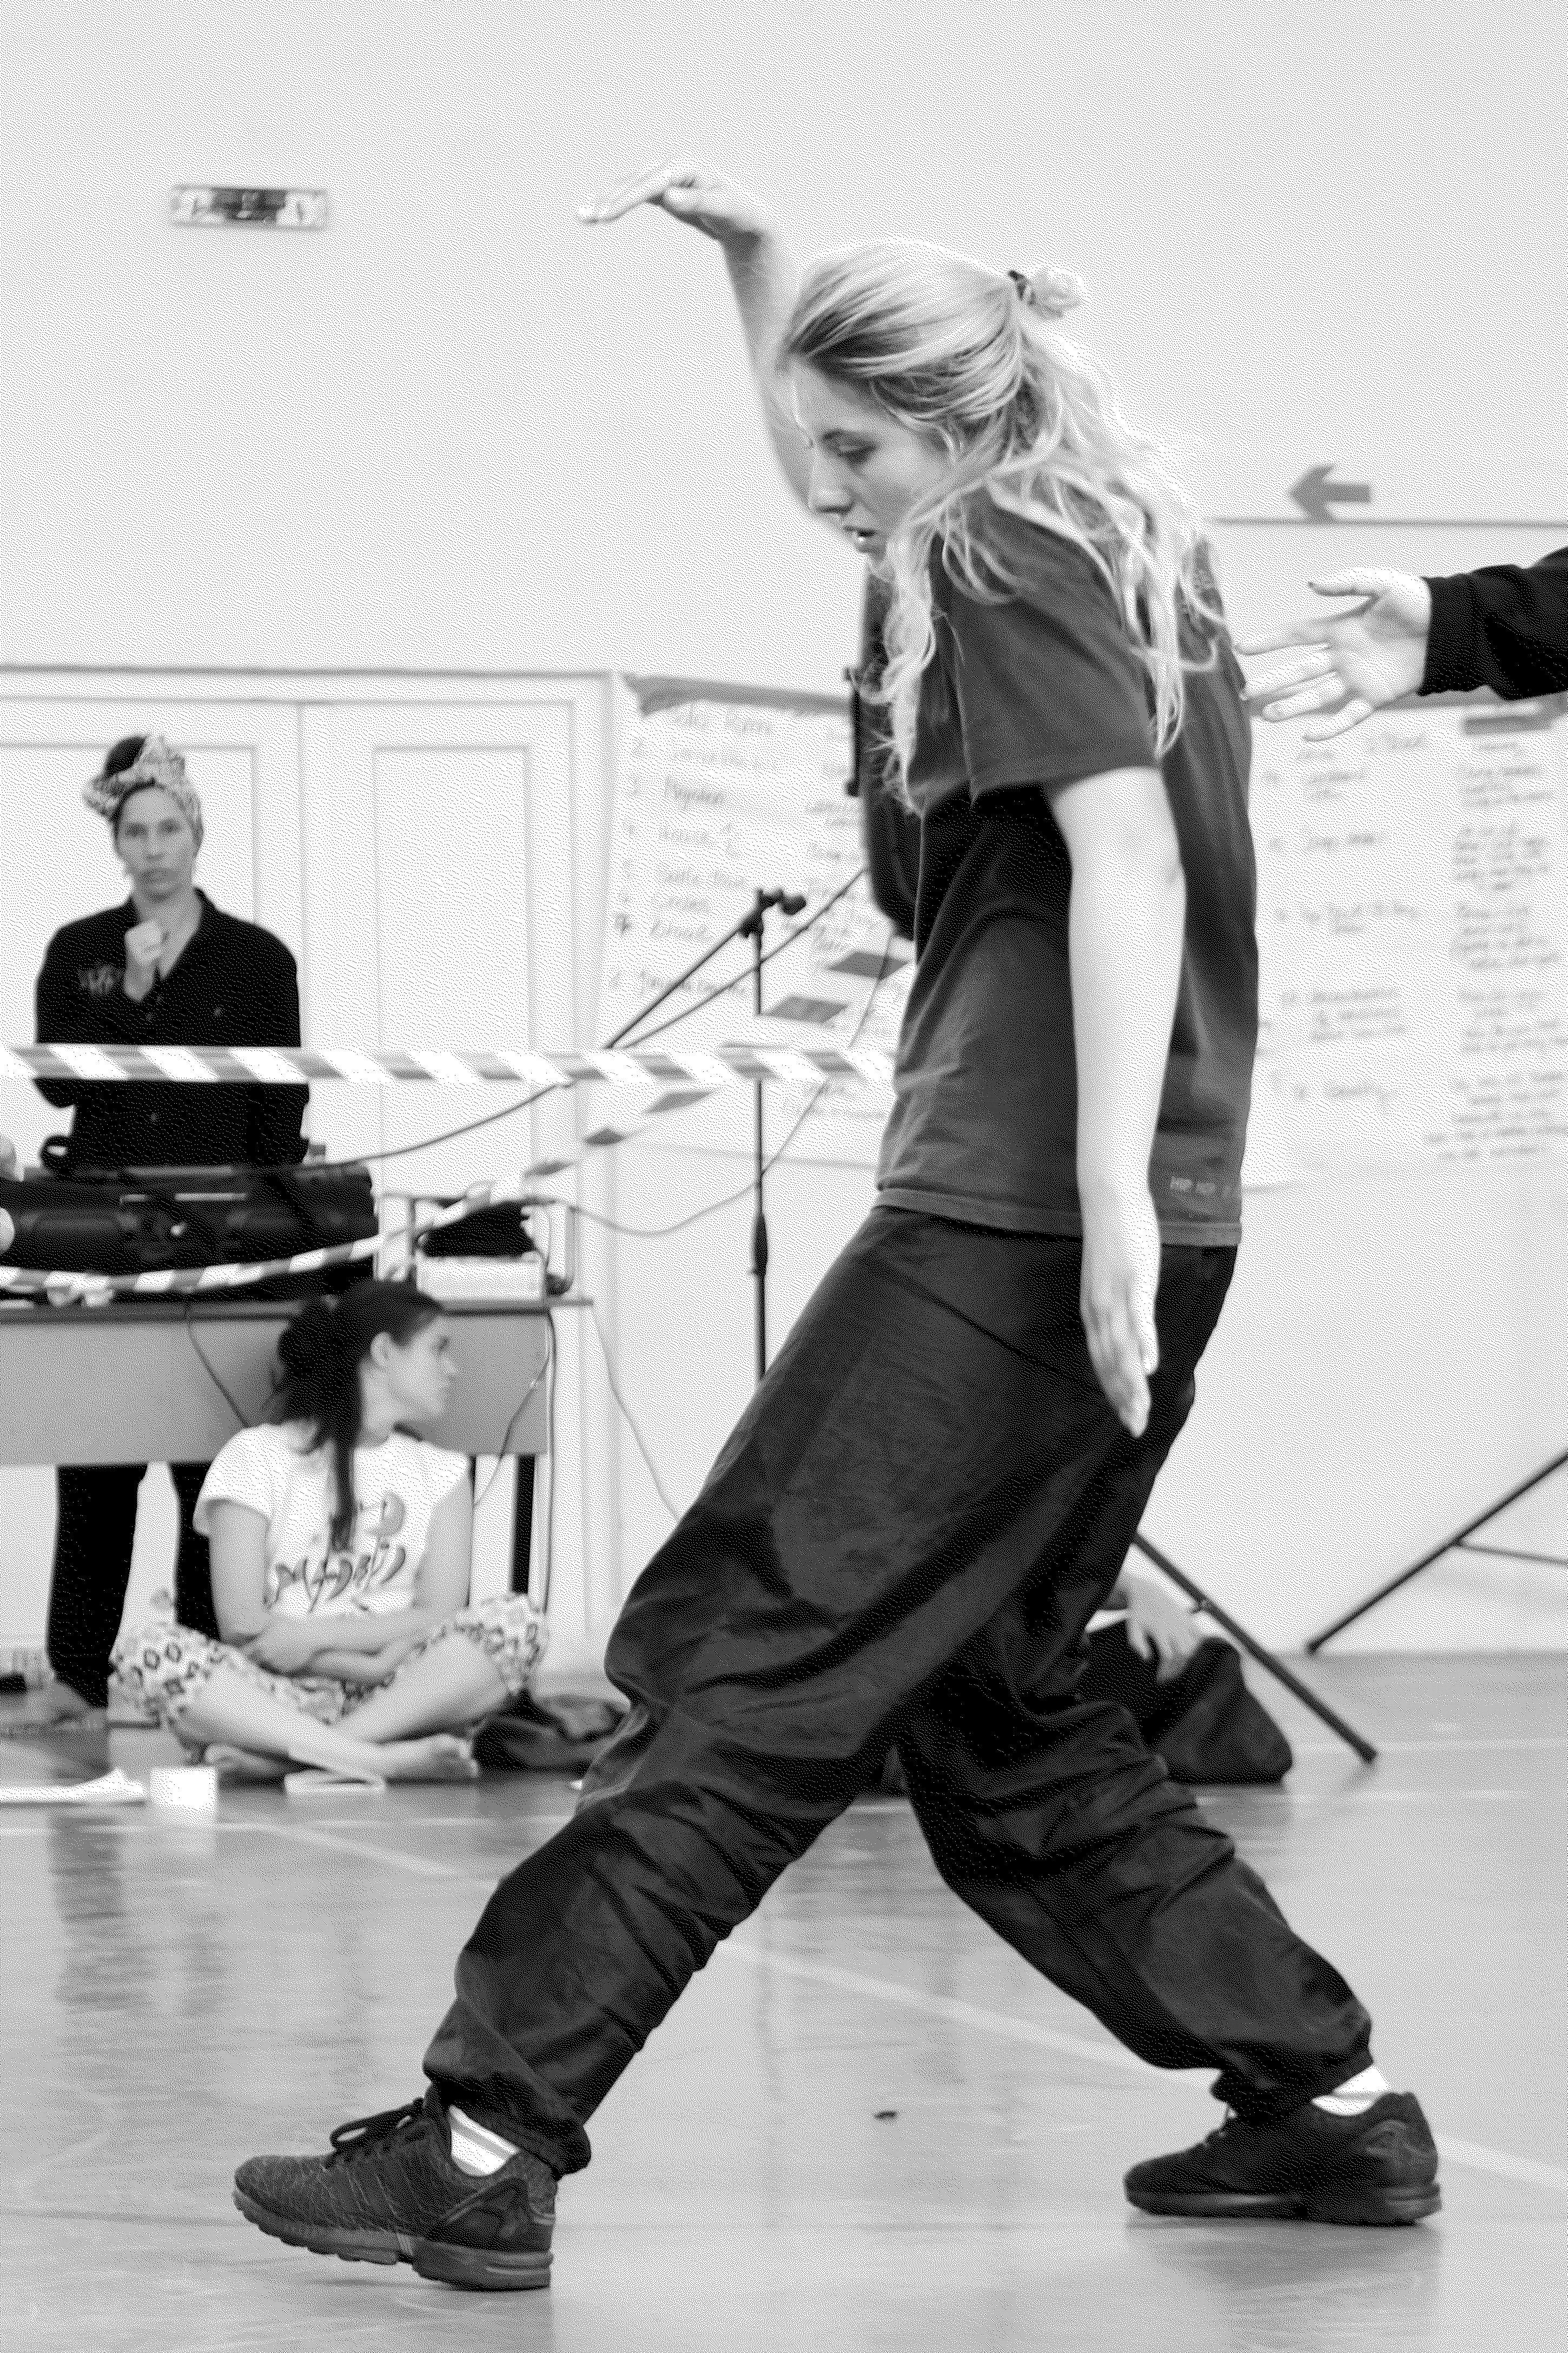 0X7A0990 - Kopie